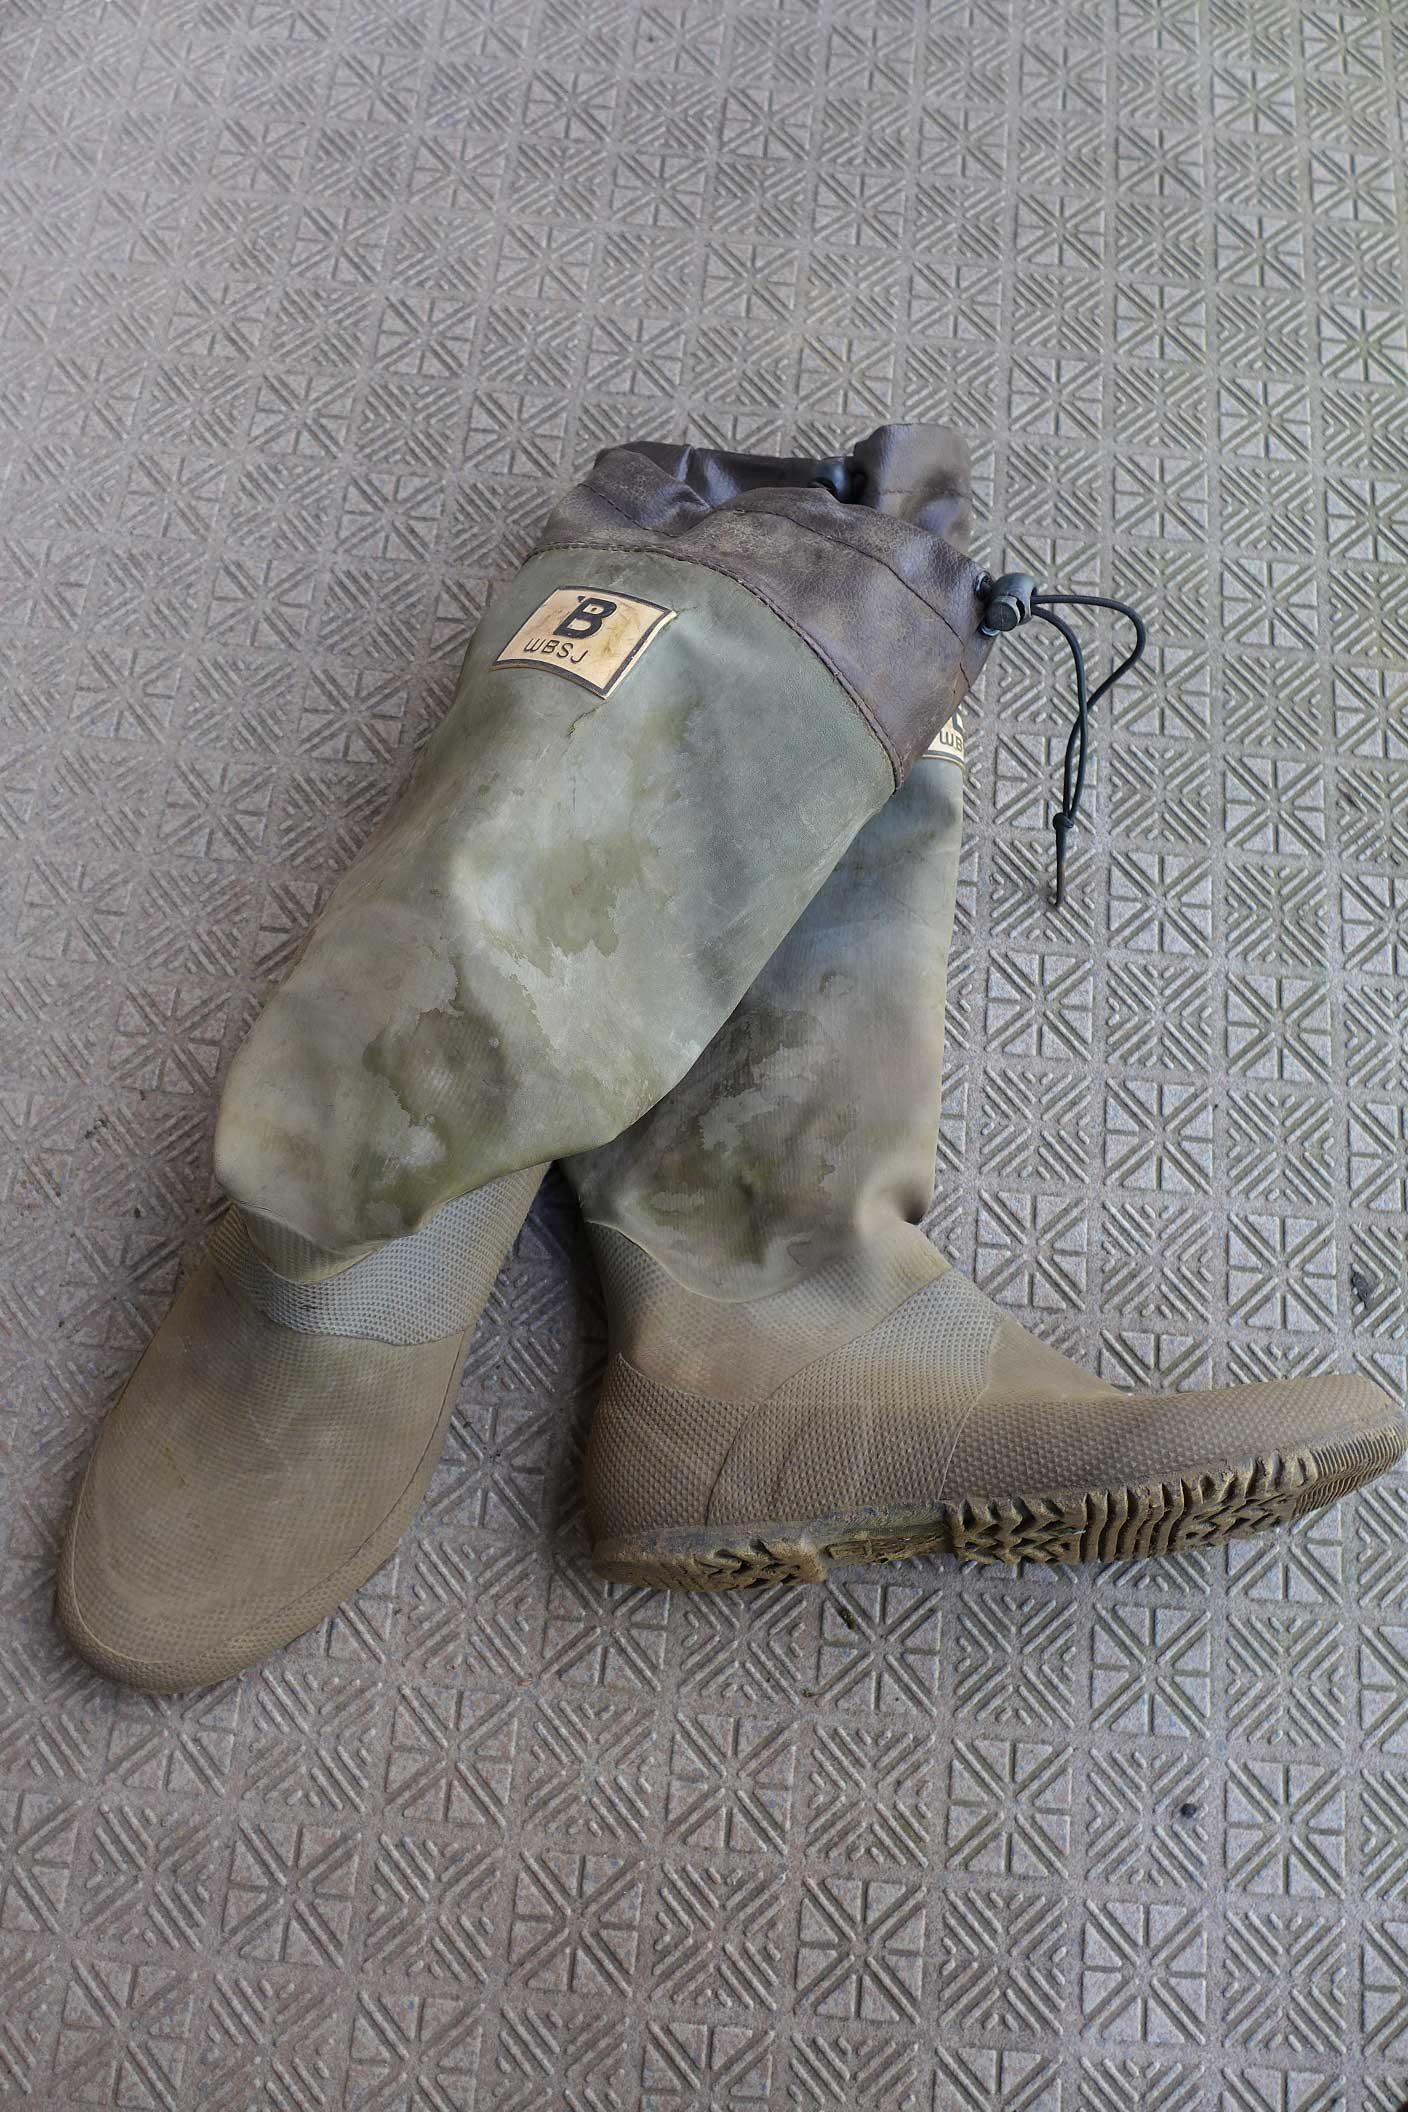 農業経験3年の素人がおすすめ!農作業用の長靴は「日本野鳥の会 バードウォッチング長靴」